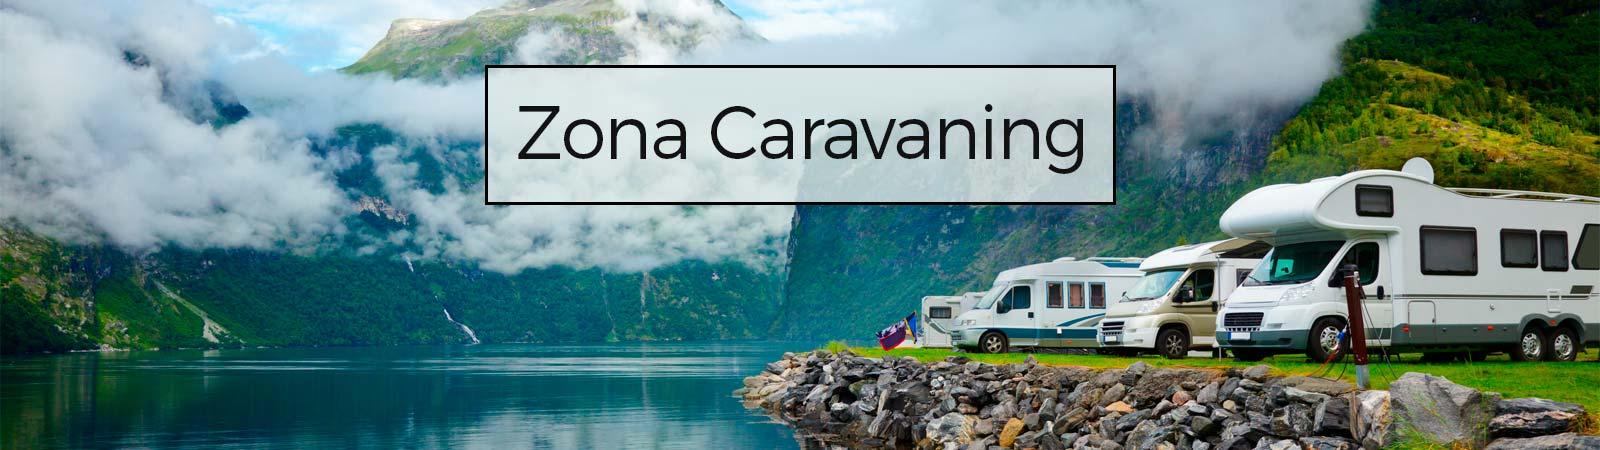 Descubre-Zona-Ocio-Caravaning-Web-Zalba-Caldu-Correduria-Seguros-Zaragoza